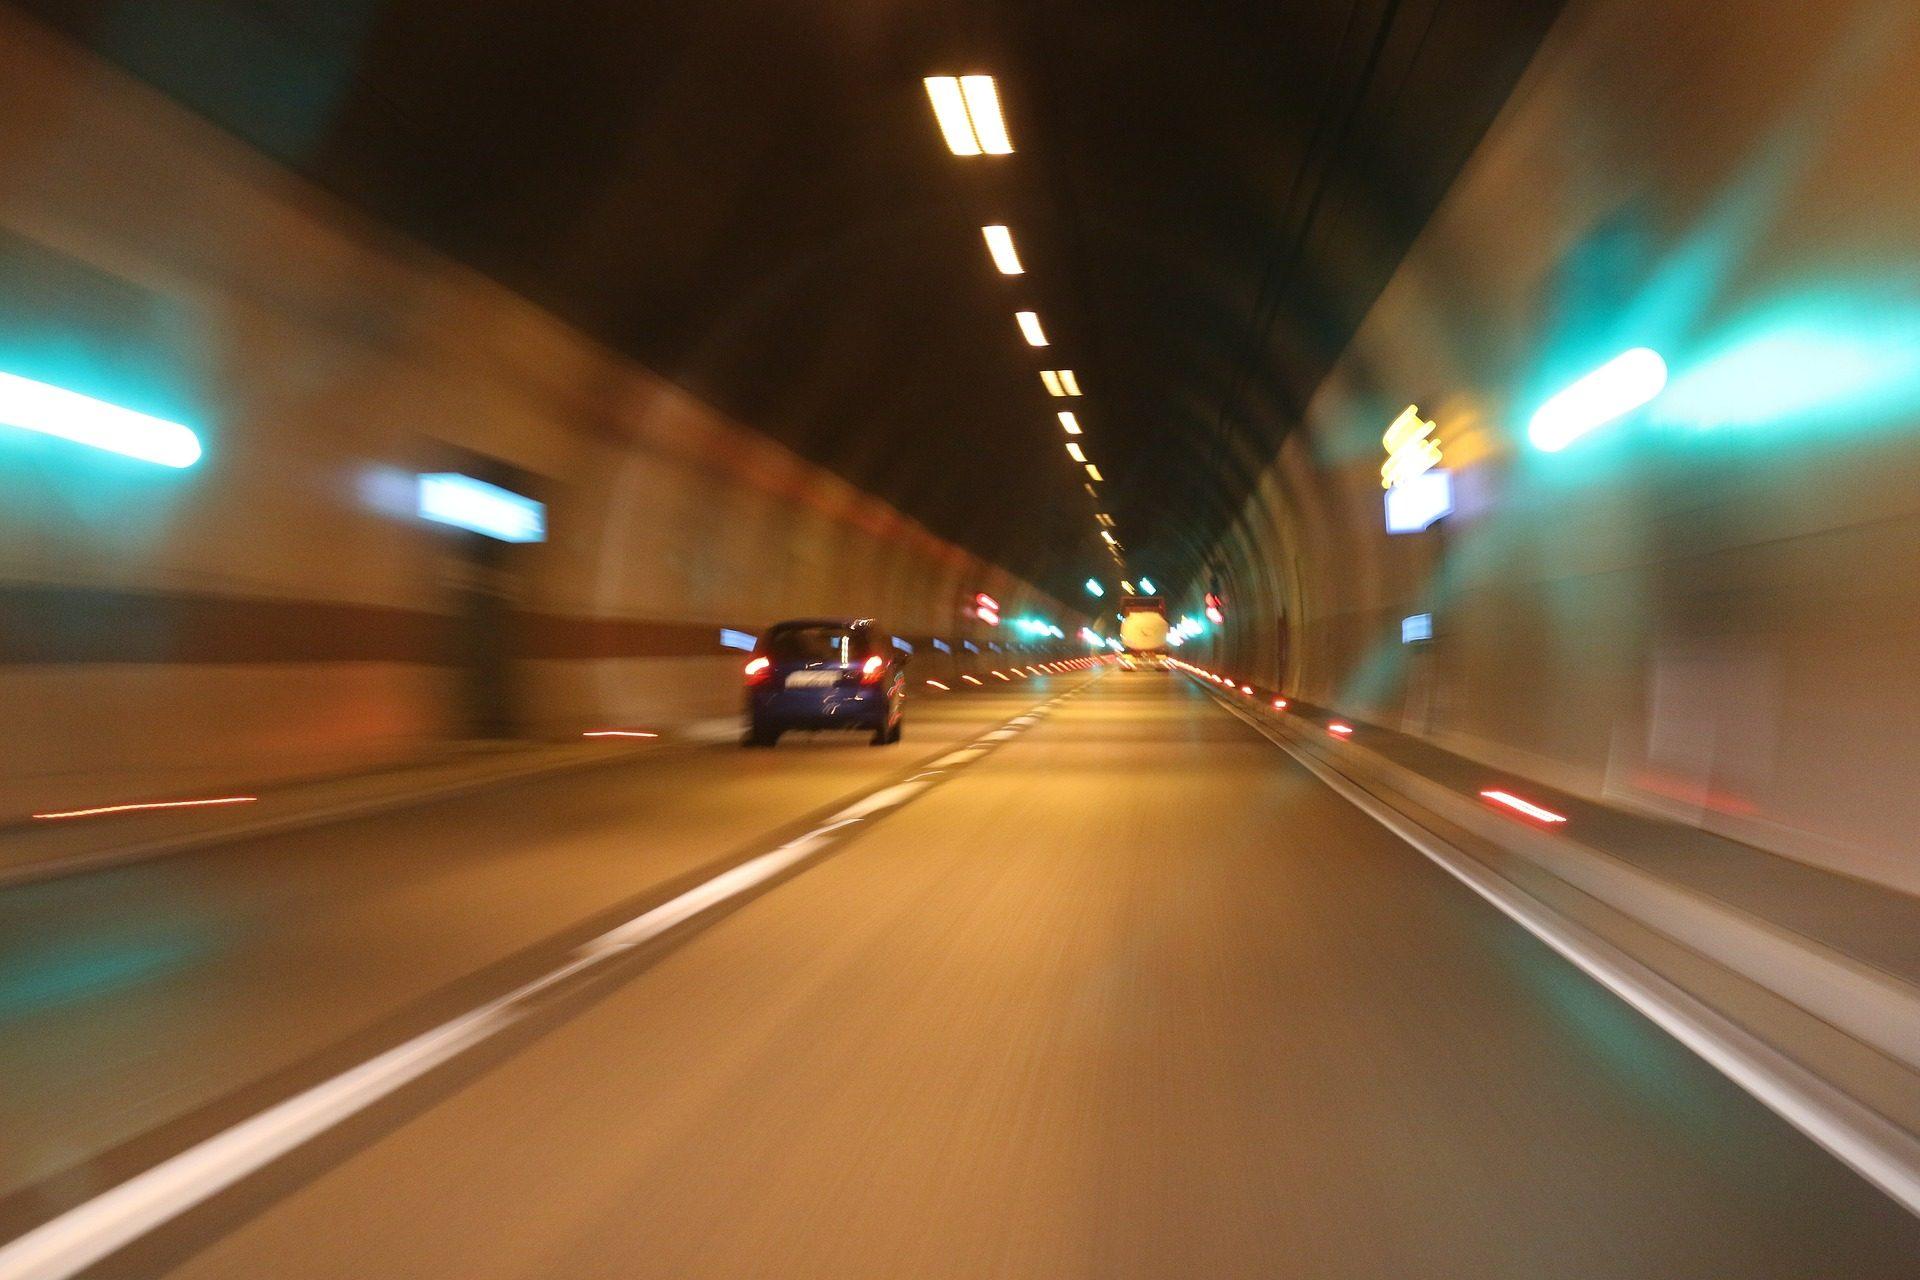 隧道, 道路, 汽车, 速度, 灯 - 高清壁纸 - 教授-falken.com